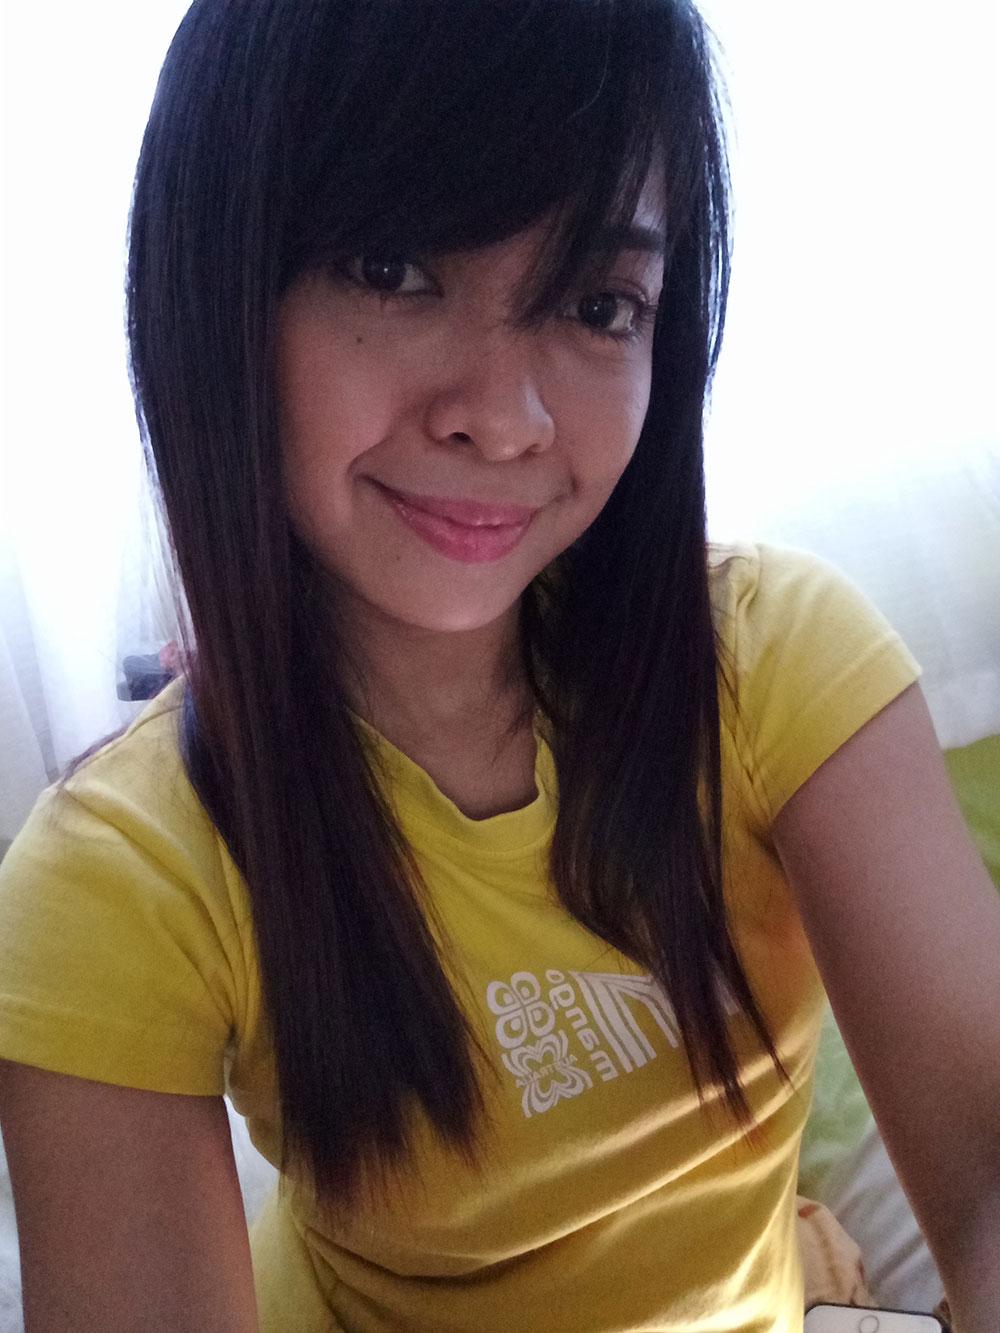 11 OPPO F3 Selfie Expert Review Photos - Gen-zel She Sings Beauty